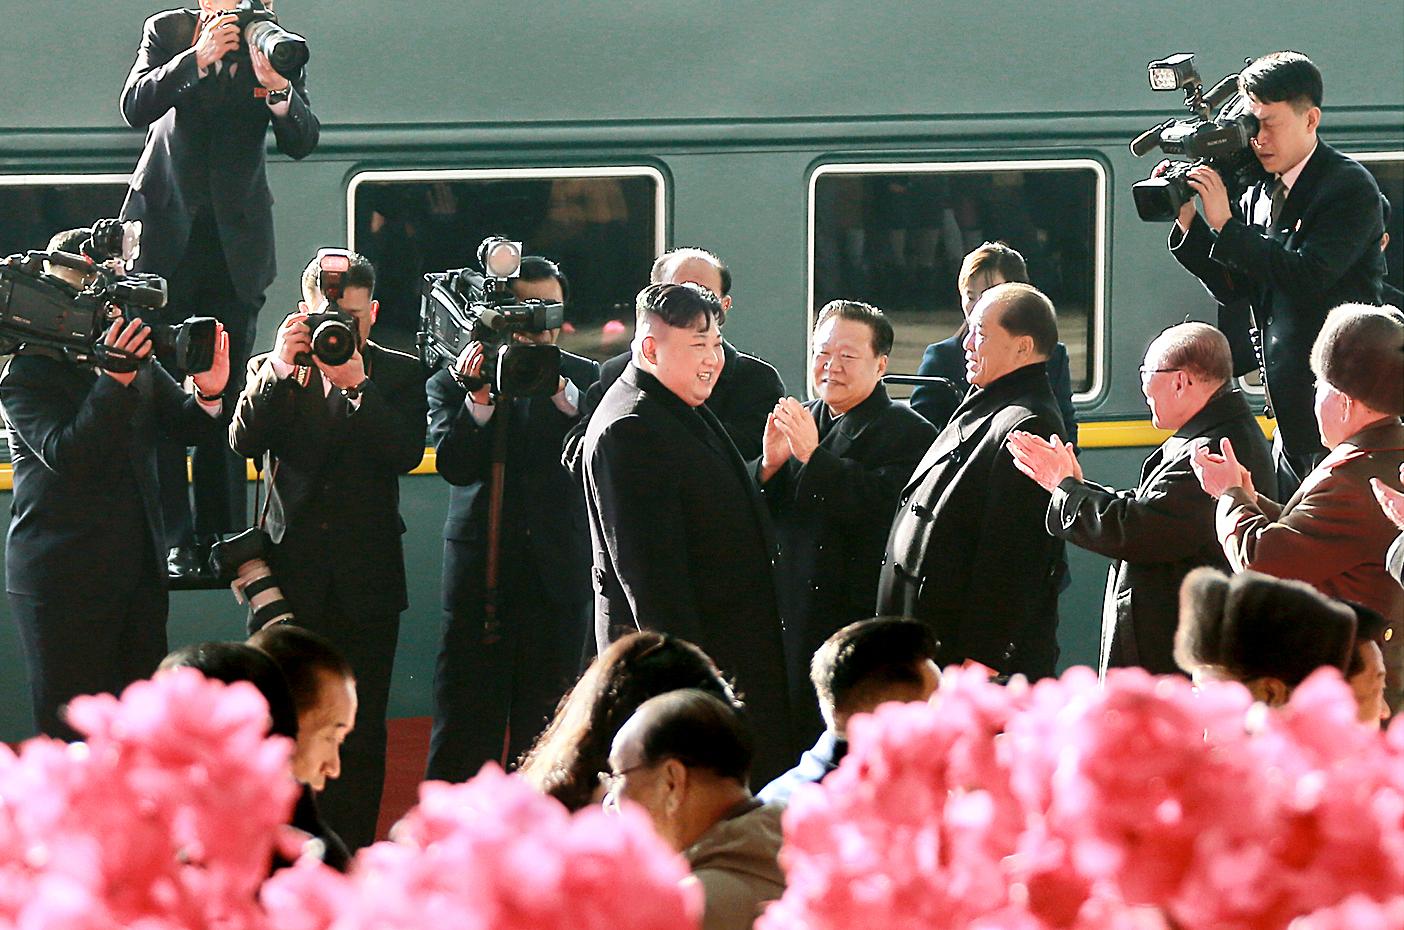 북한 노동당 기관지 노동신문은 24일 김정은 국무위원장이 제2차 북미정상회담이 열릴 베트남 하노이로 출발했다는 기사를 사진과 함께 1면에 게재했다. [연합뉴스]